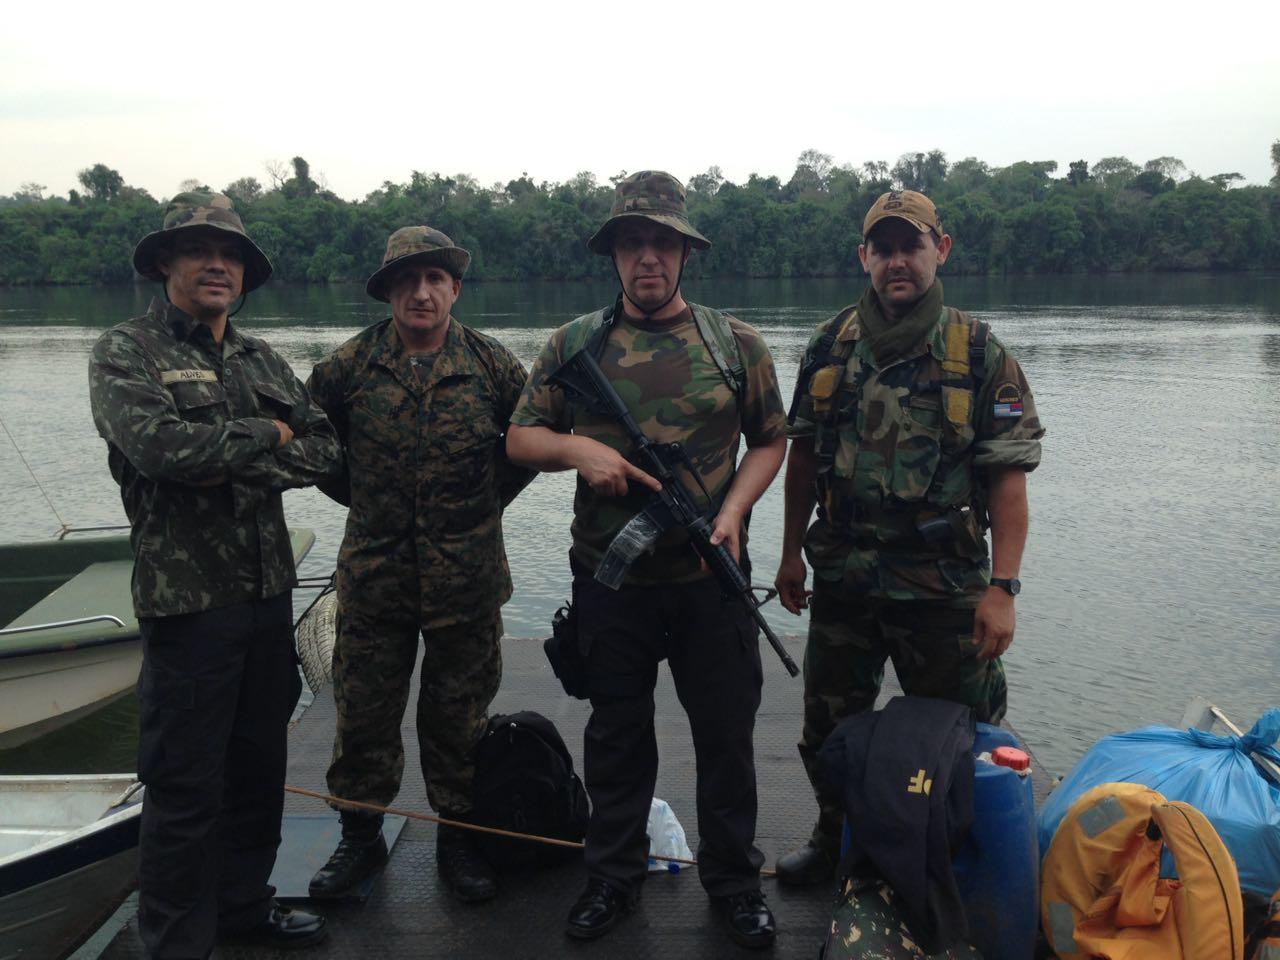 Prevención de delitos ambientales: exitoso operativo en conjunto entre fuerzas brasileñas y guardaparques de Misiones